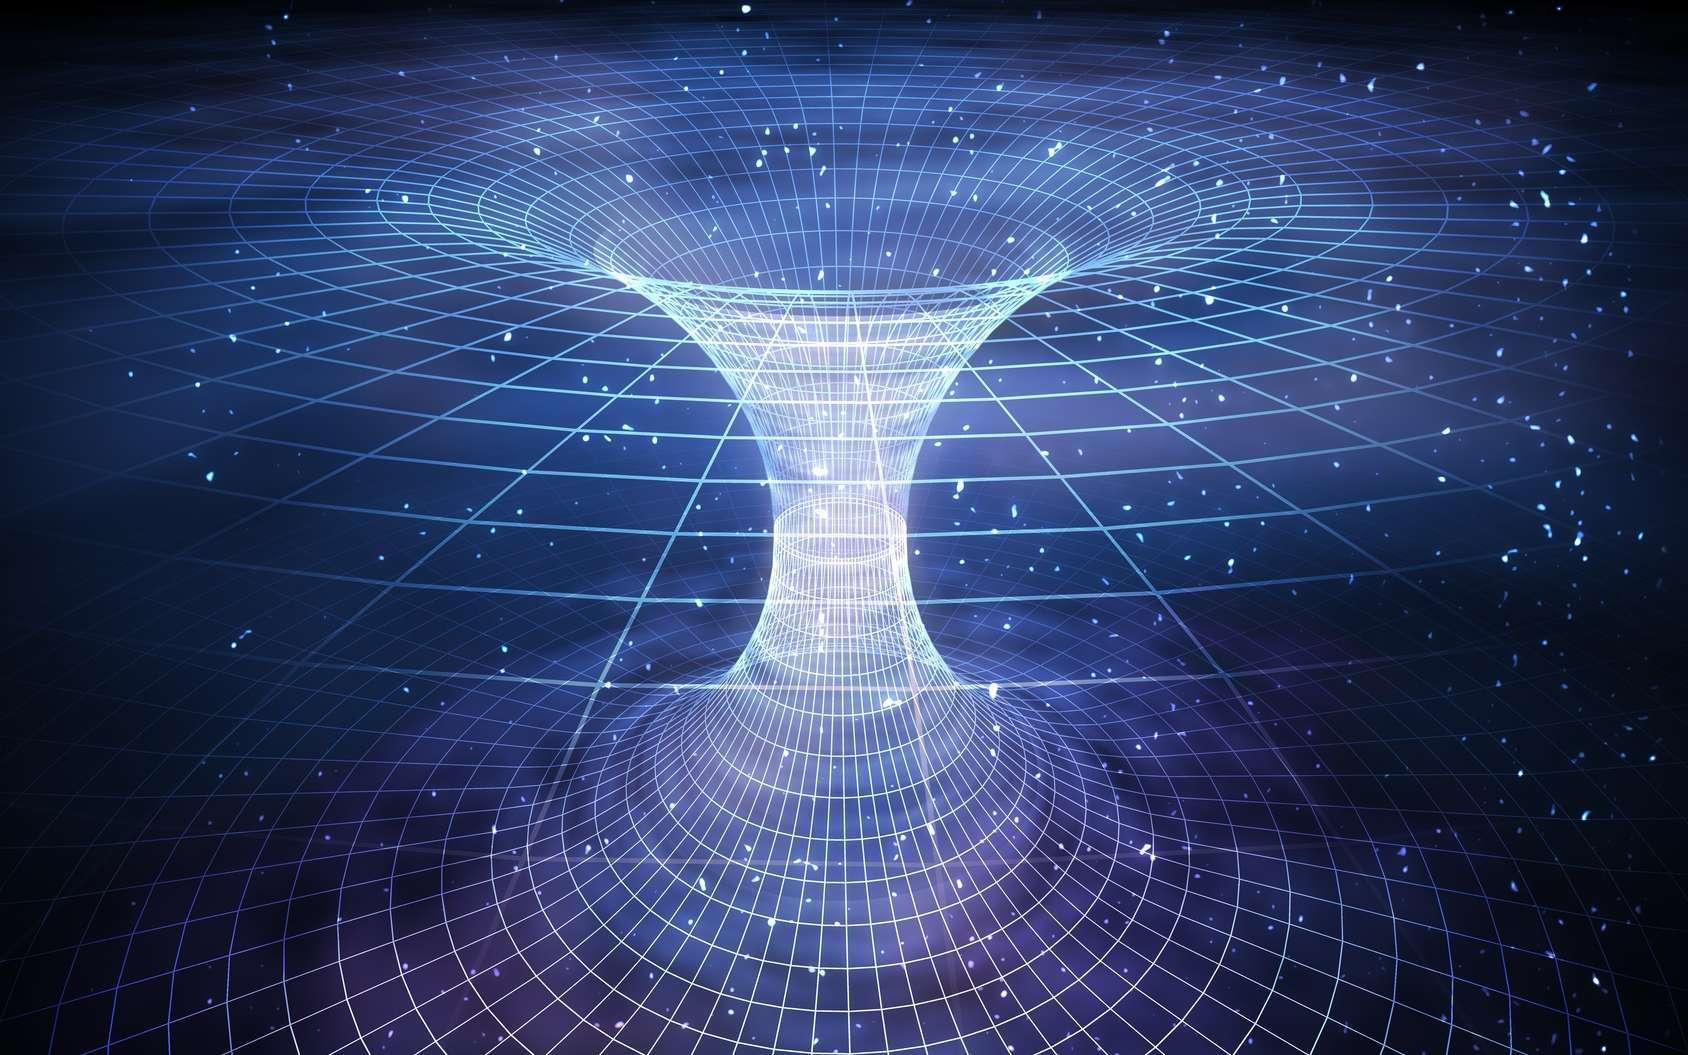 Une vue d'artiste d'un trou de ver connectant deux univers. © vchalup, Fotolia